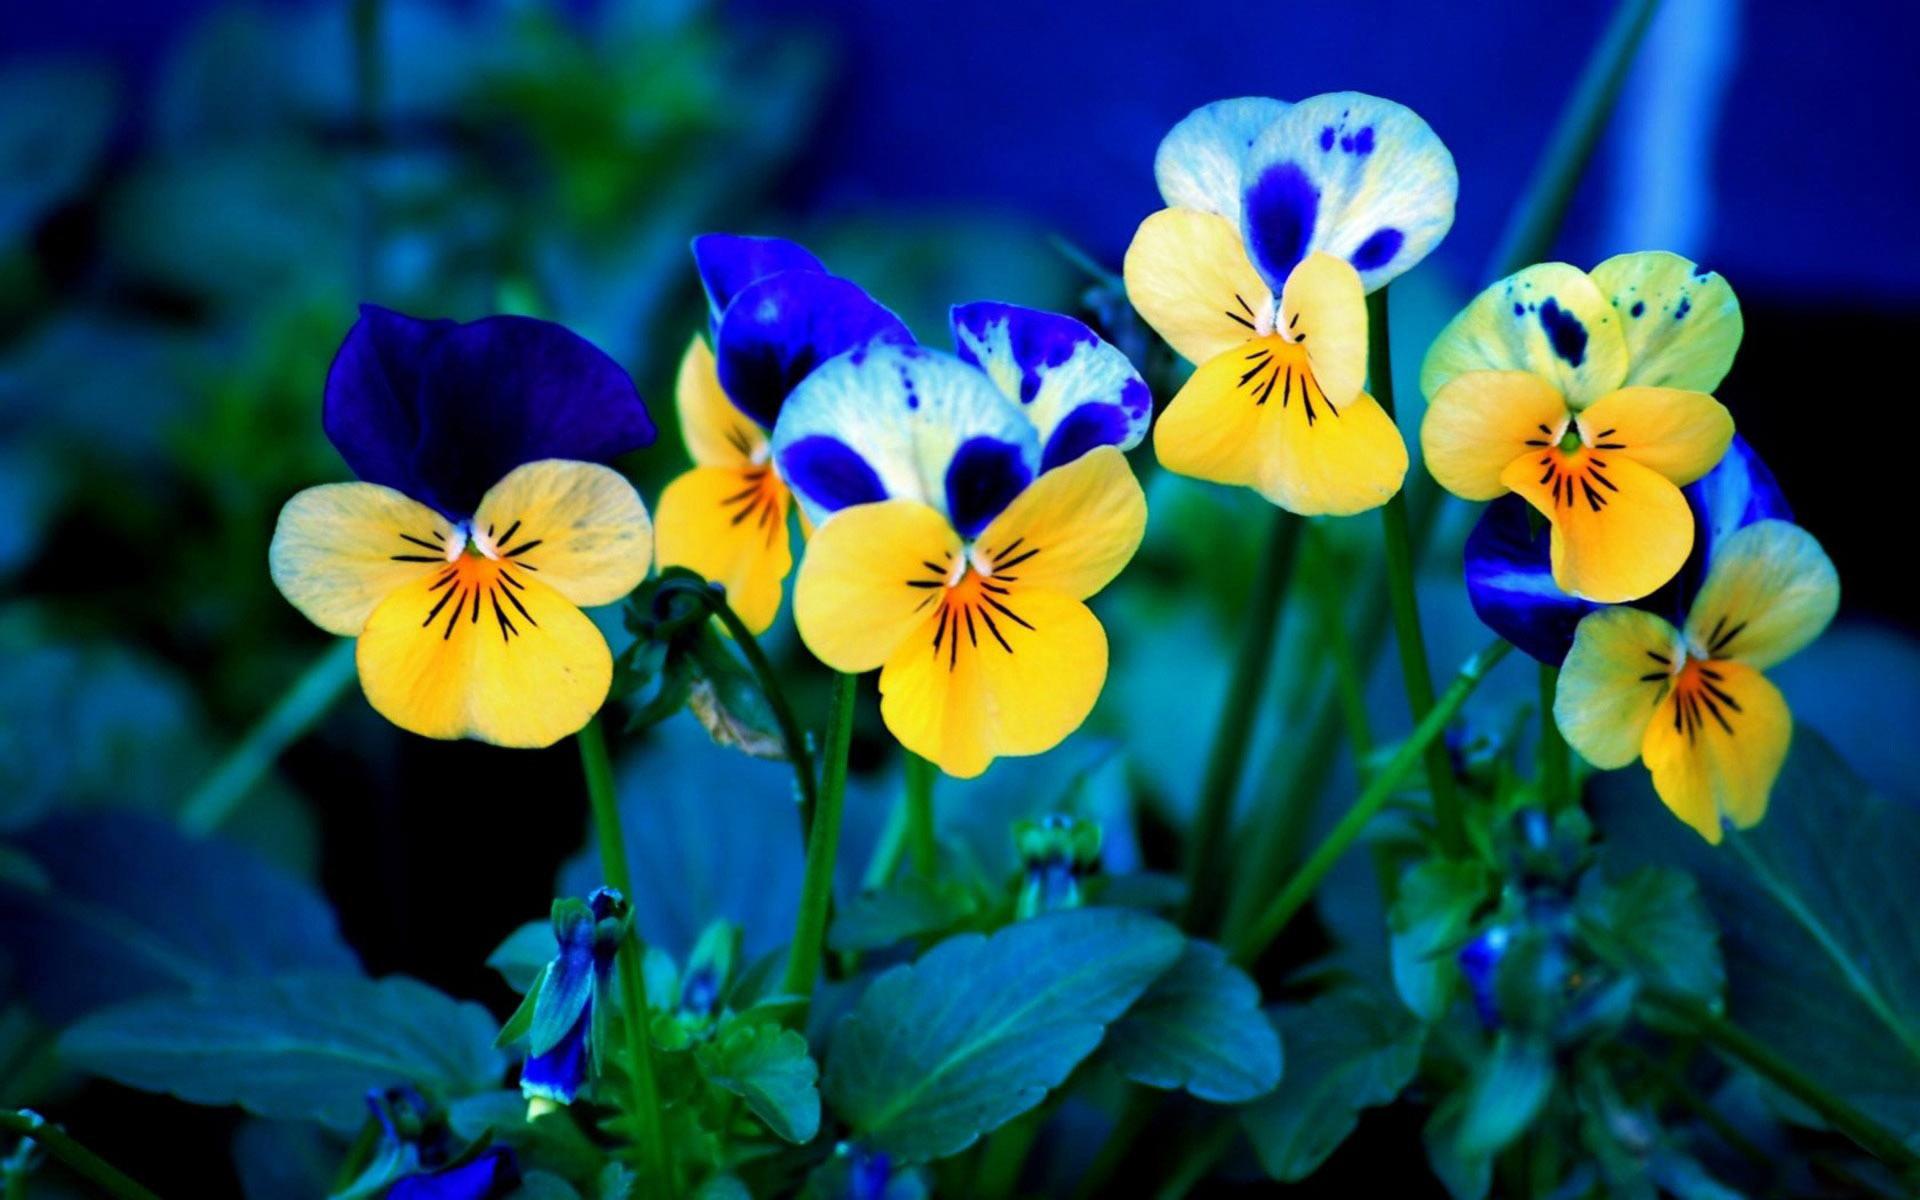 Sfondi fiori per desktop viole del pensiero sfondi hd for Sfondi hd gratis